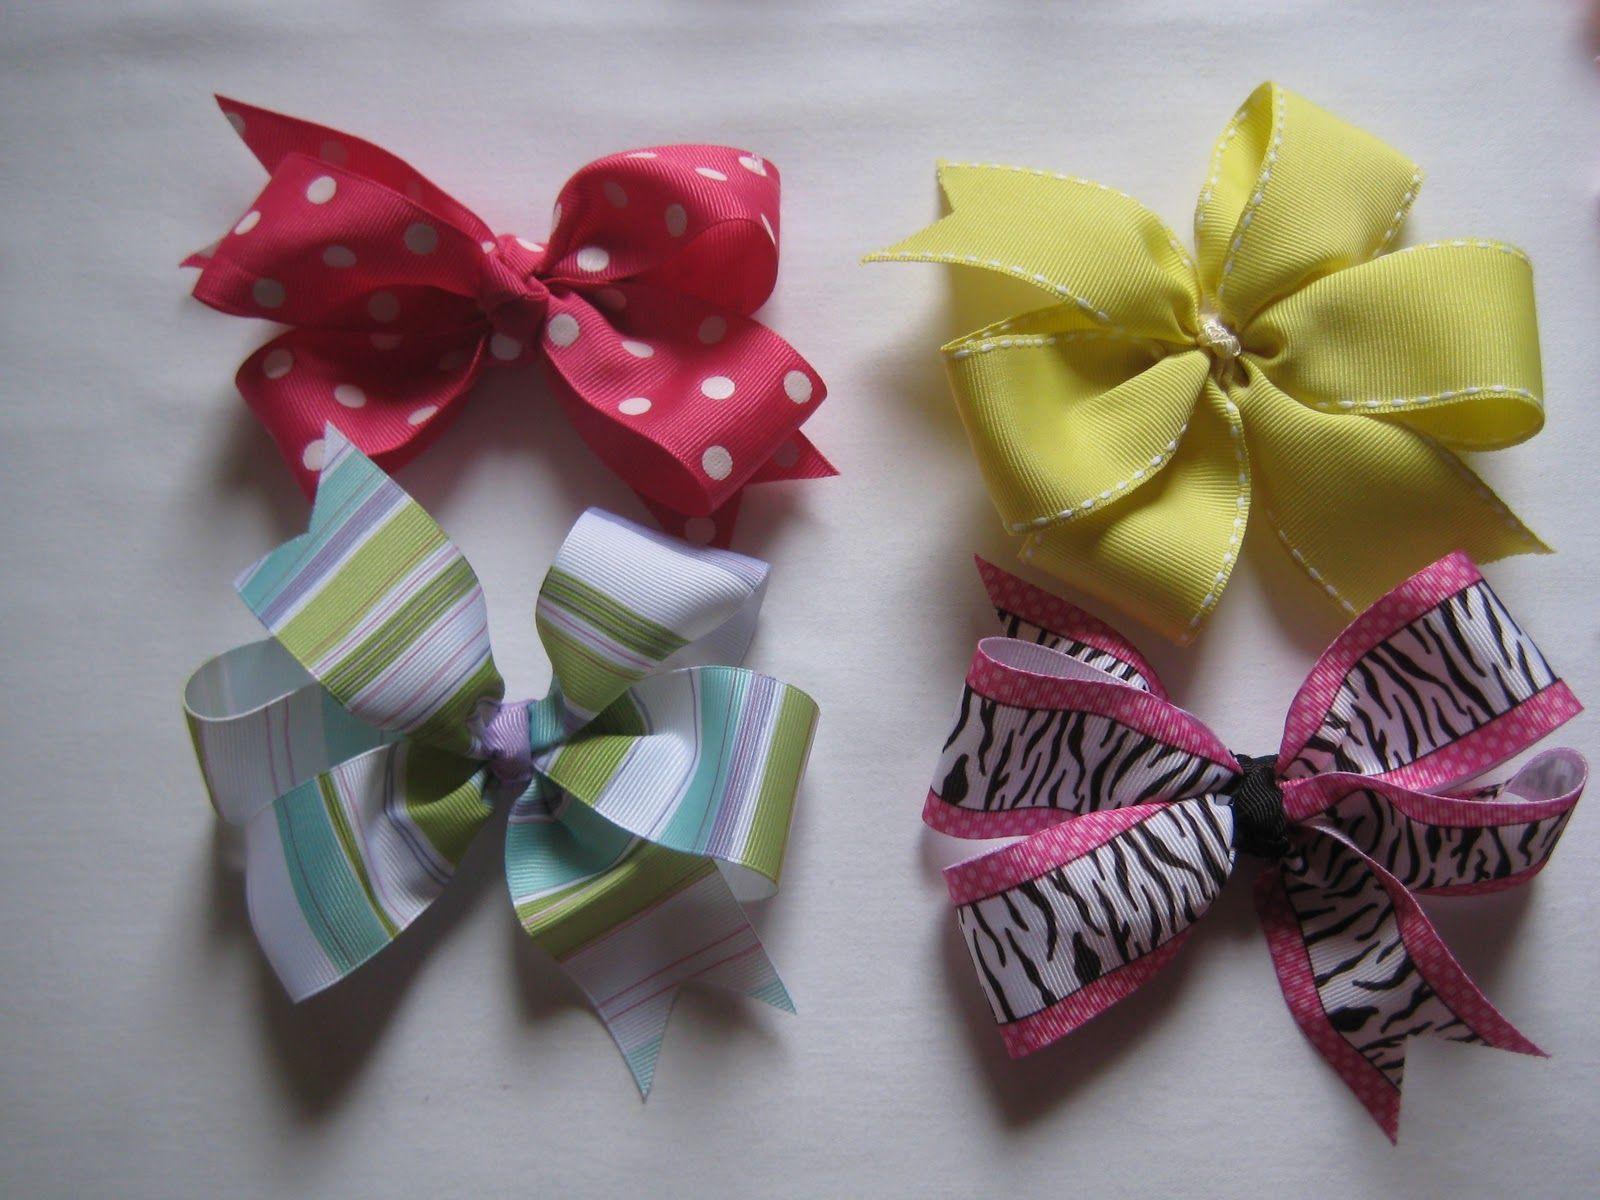 Boutique Style Hair Bows Making Hair Bows Diy Hair Bows Hair Bows